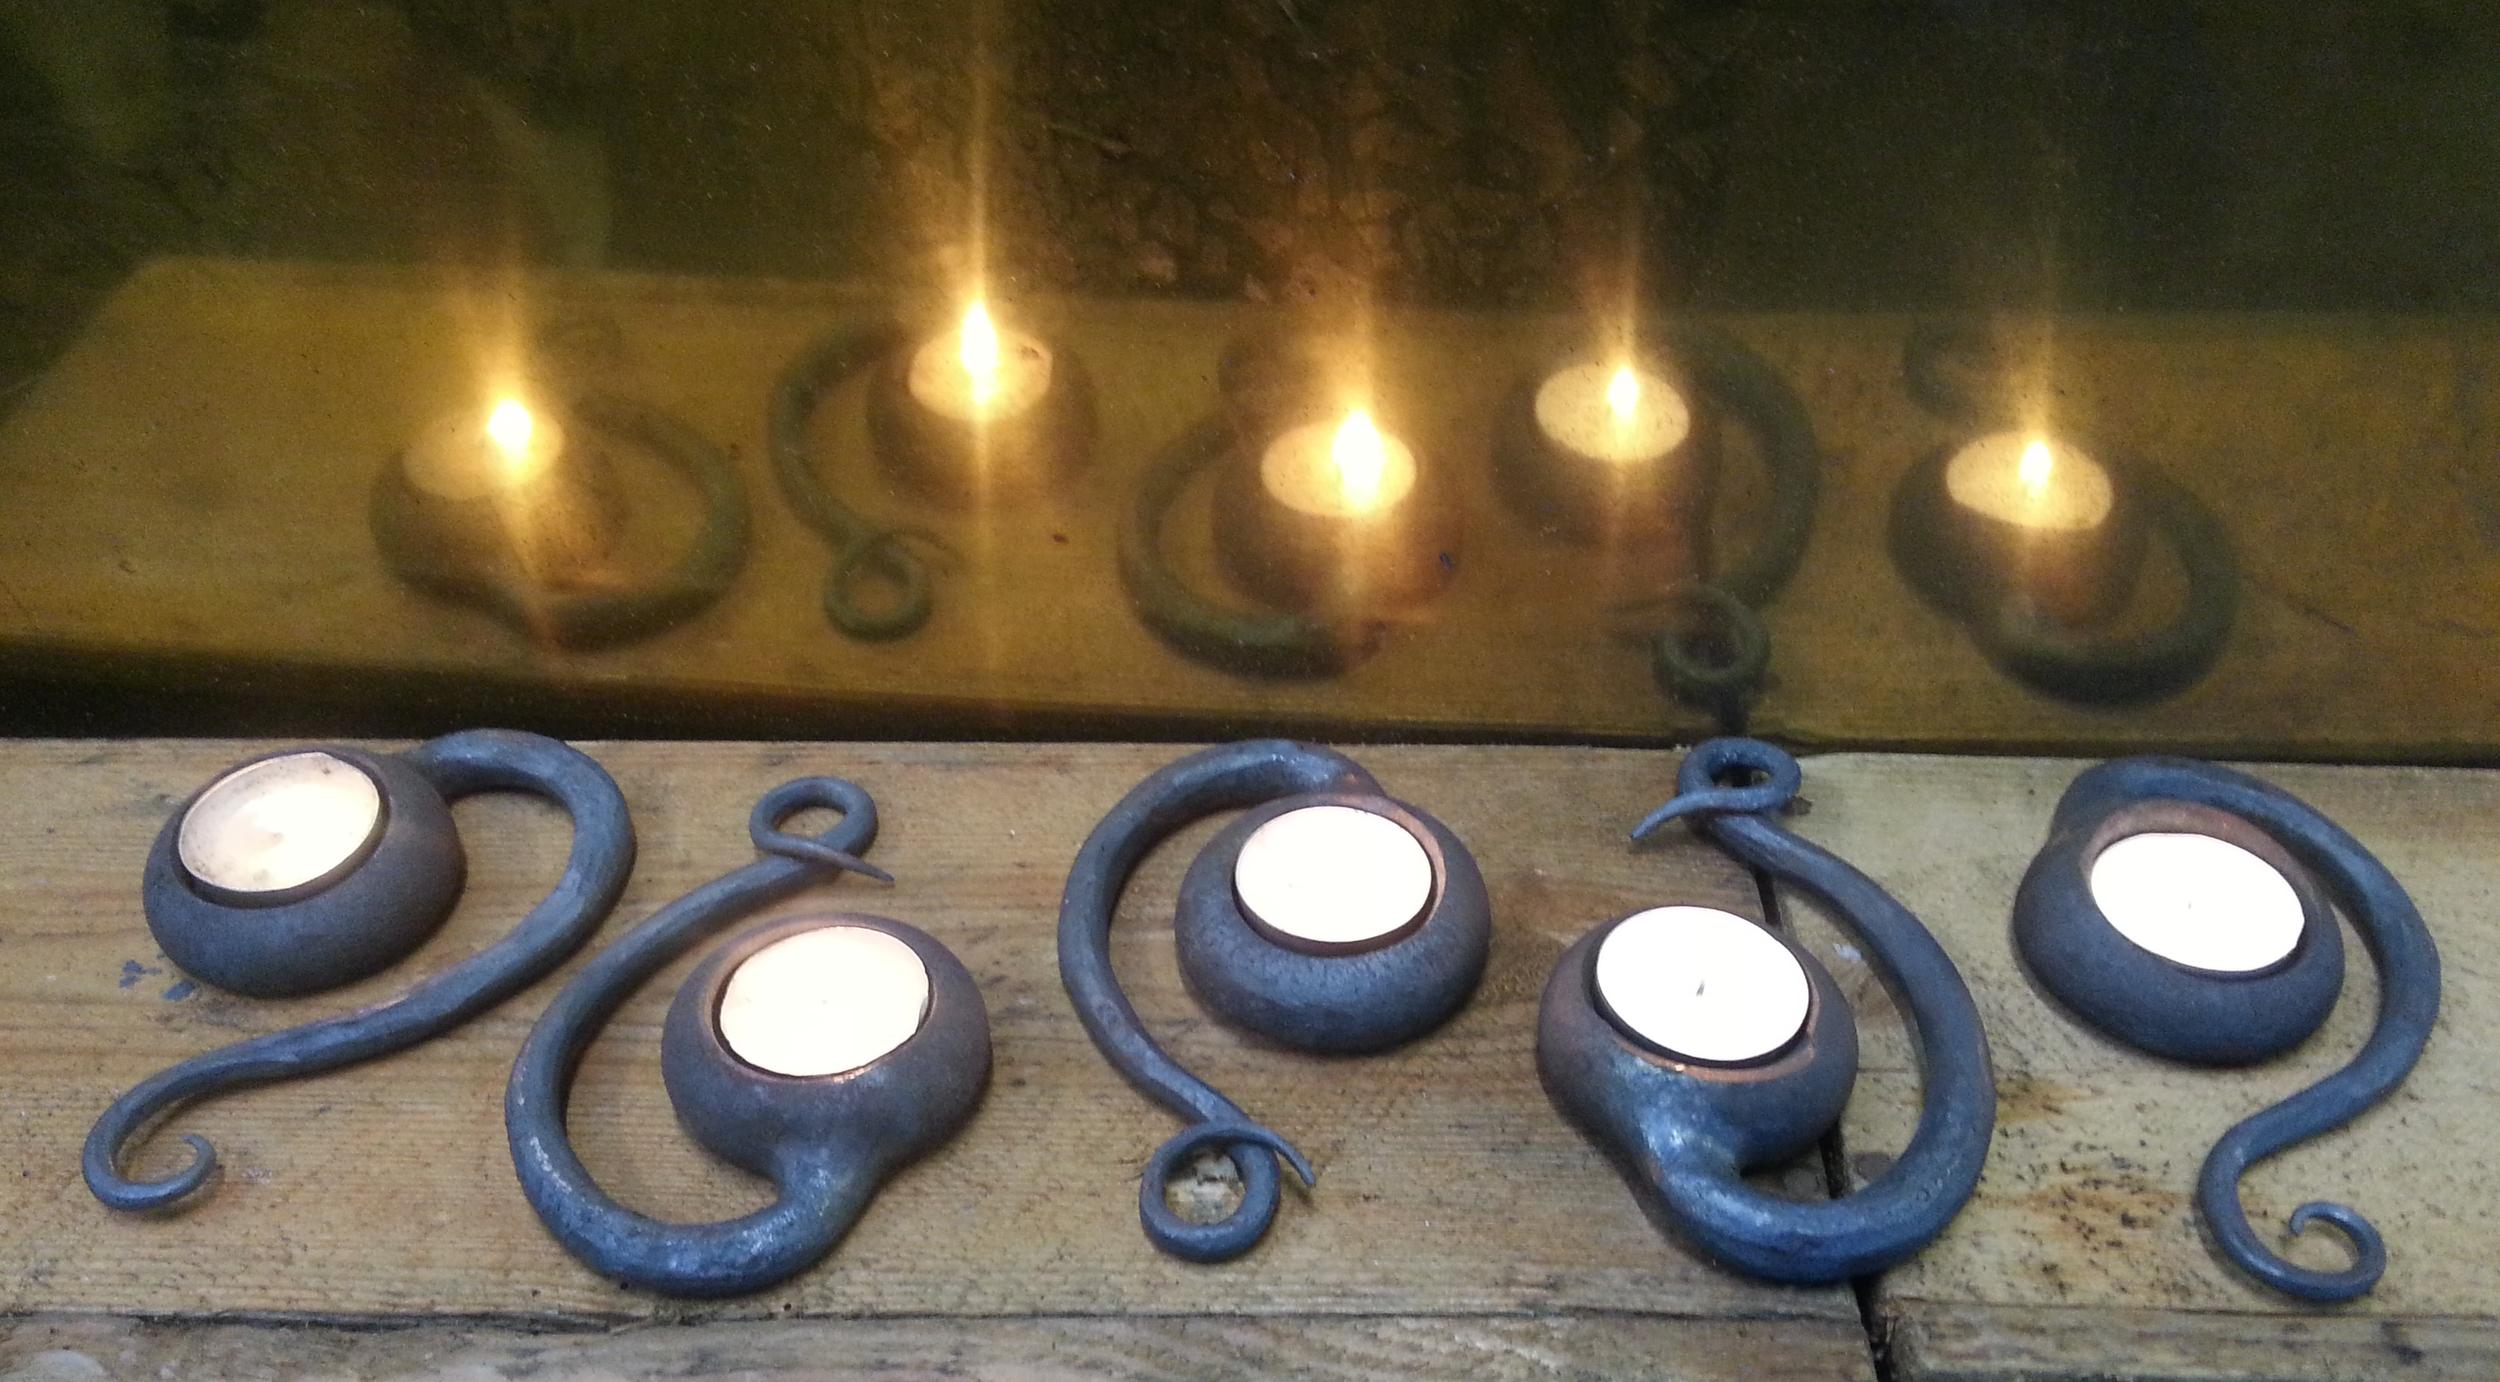 Tea-light holders